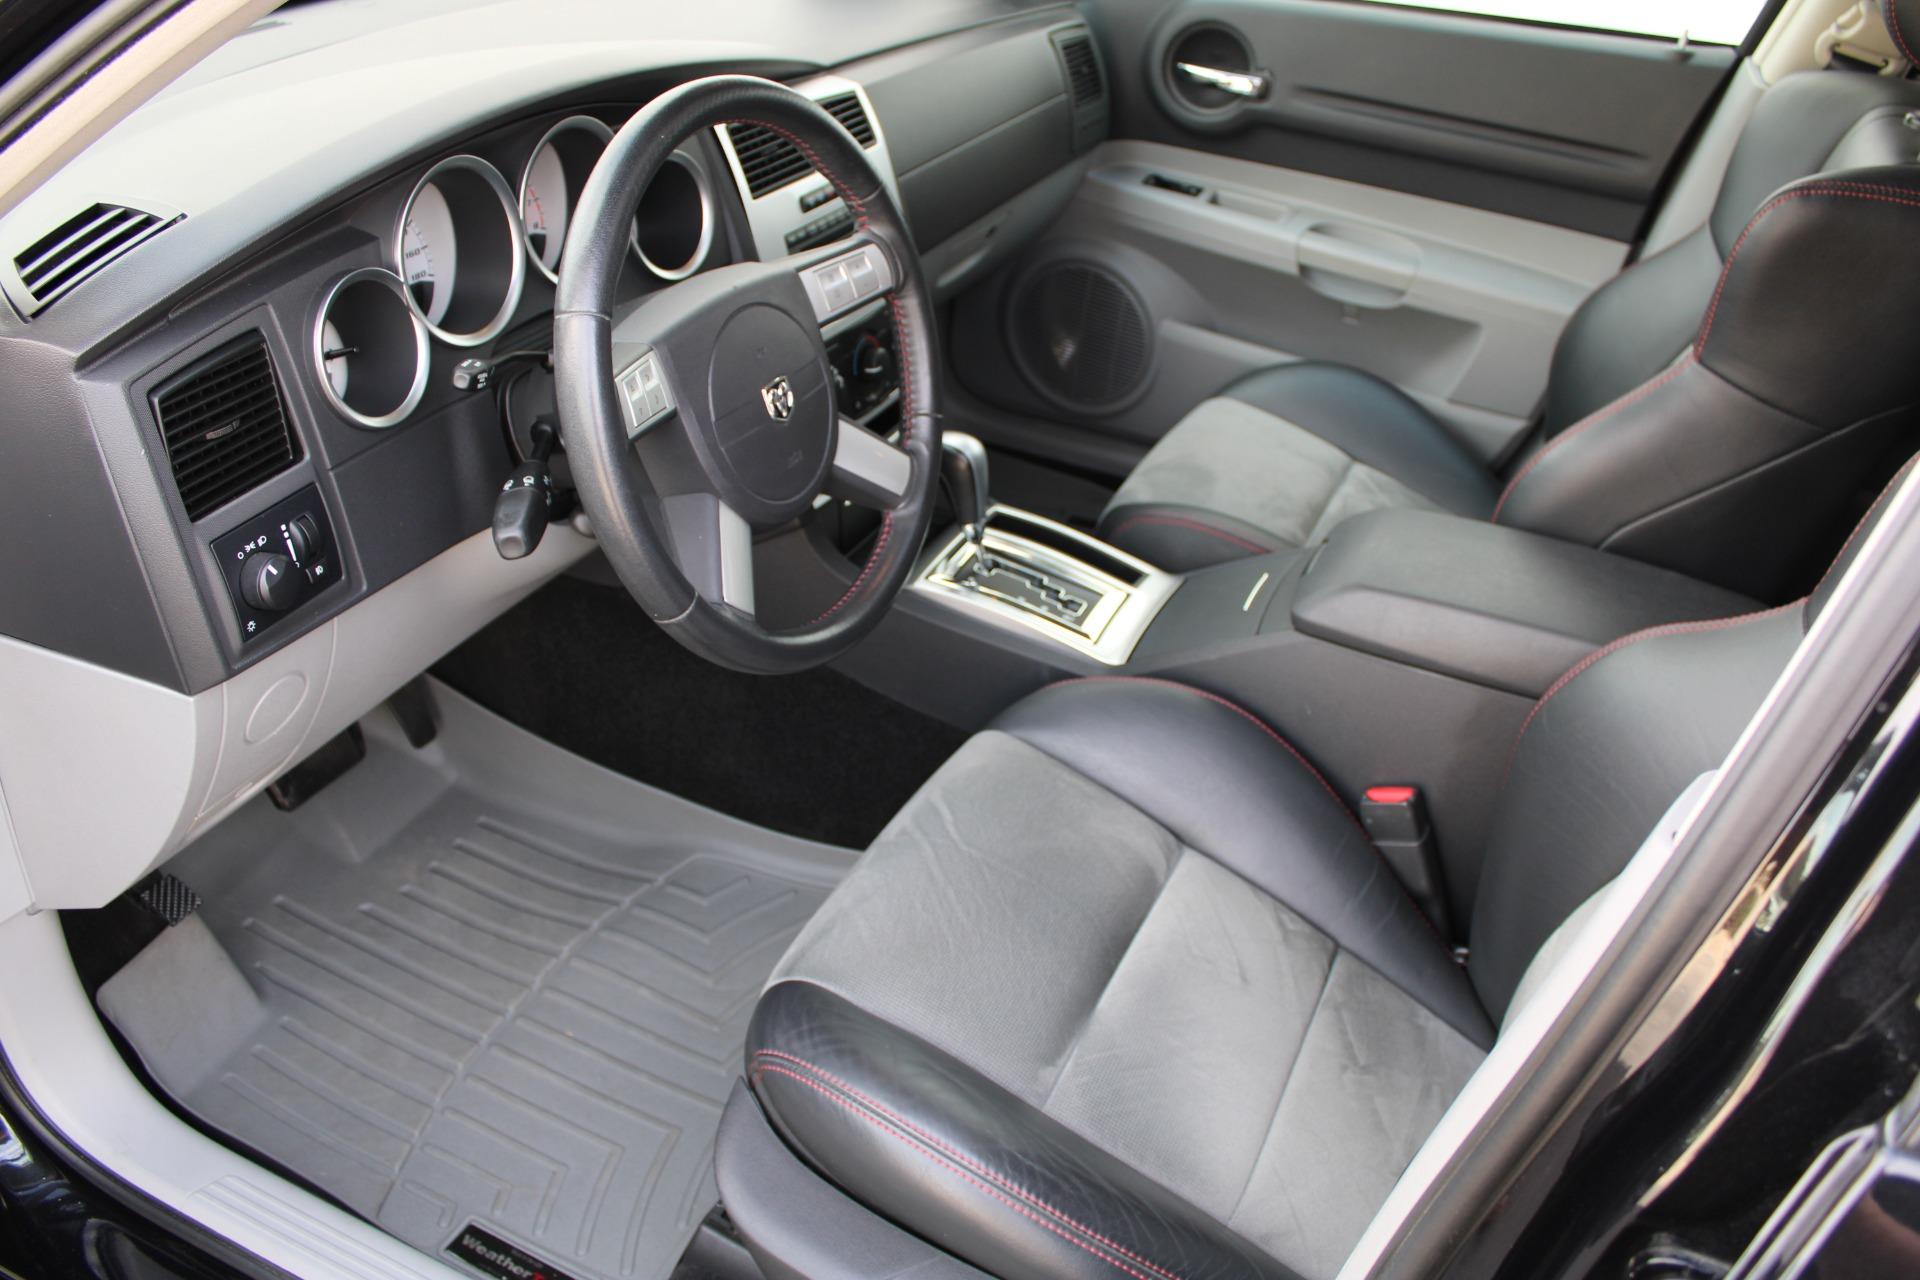 Used-2006-Dodge-Magnum-SRT8-Collector